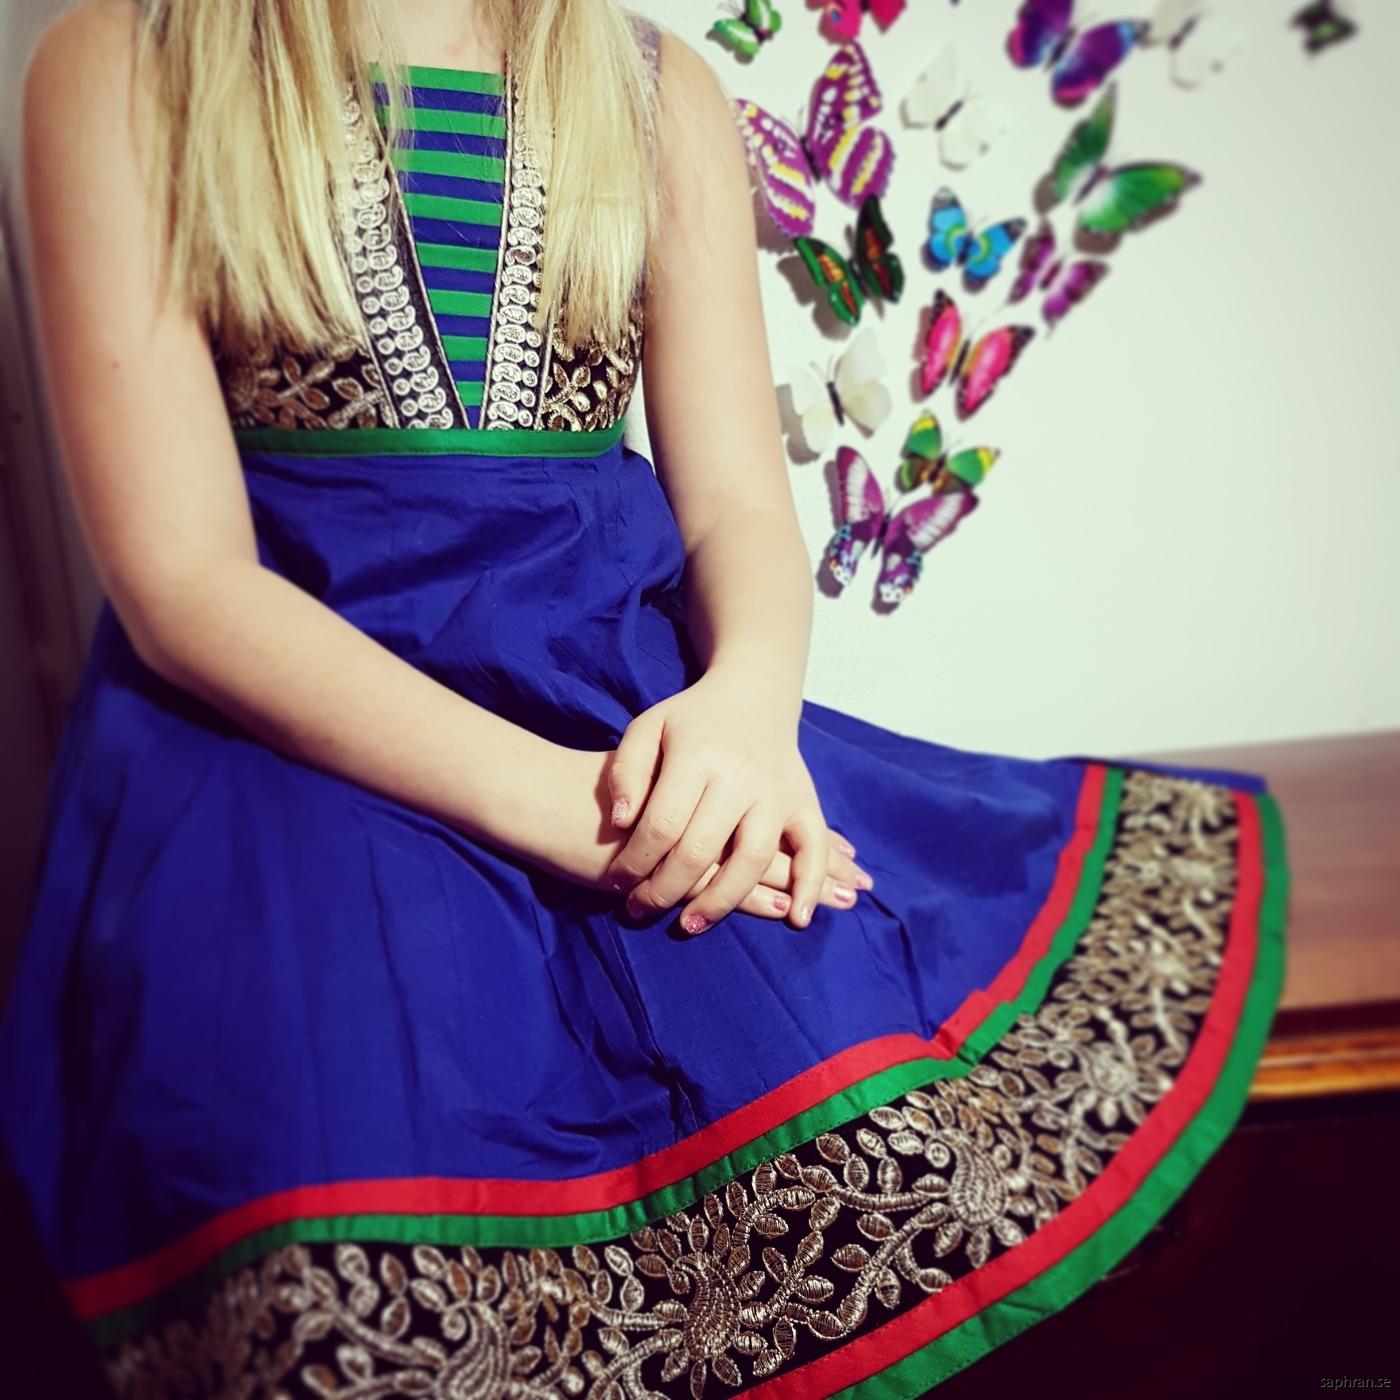 9163784d6cc Mörkblå barnklänninge med detaljrika detaljer med kantband och glitter Barnklänning  jul, nyår & fest - Aurora